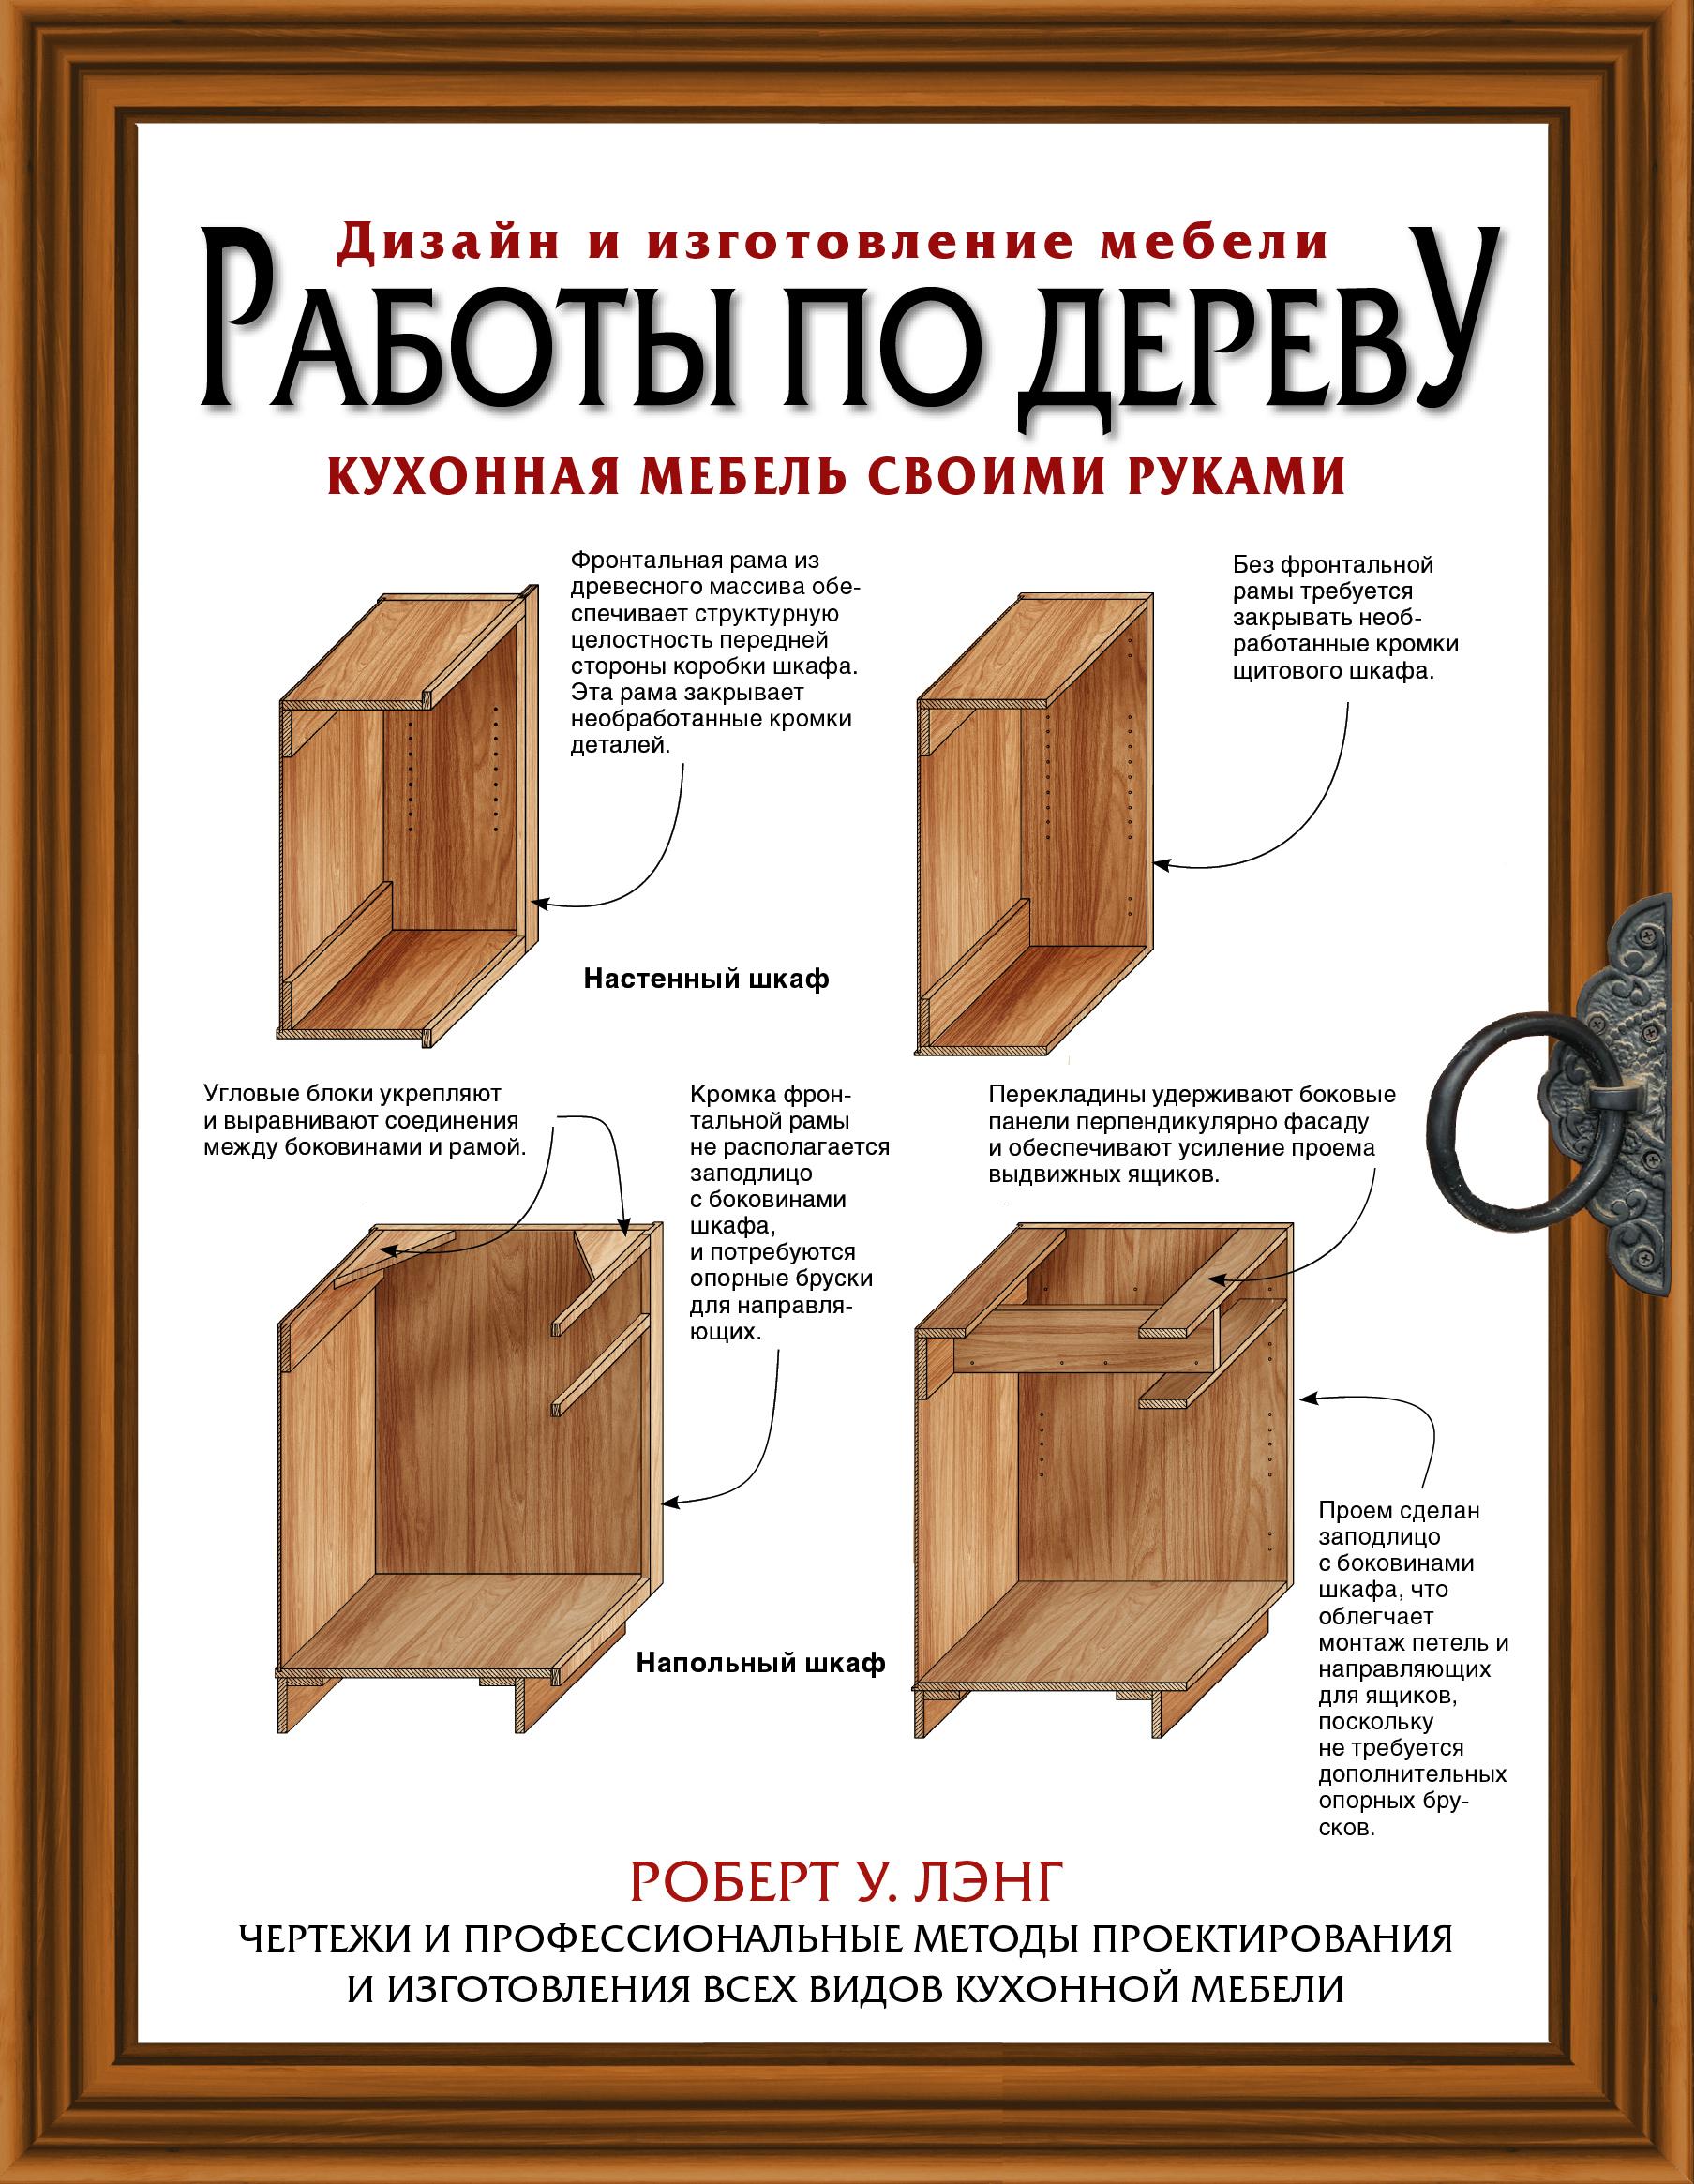 Мебель своими руками чертежи изготовления